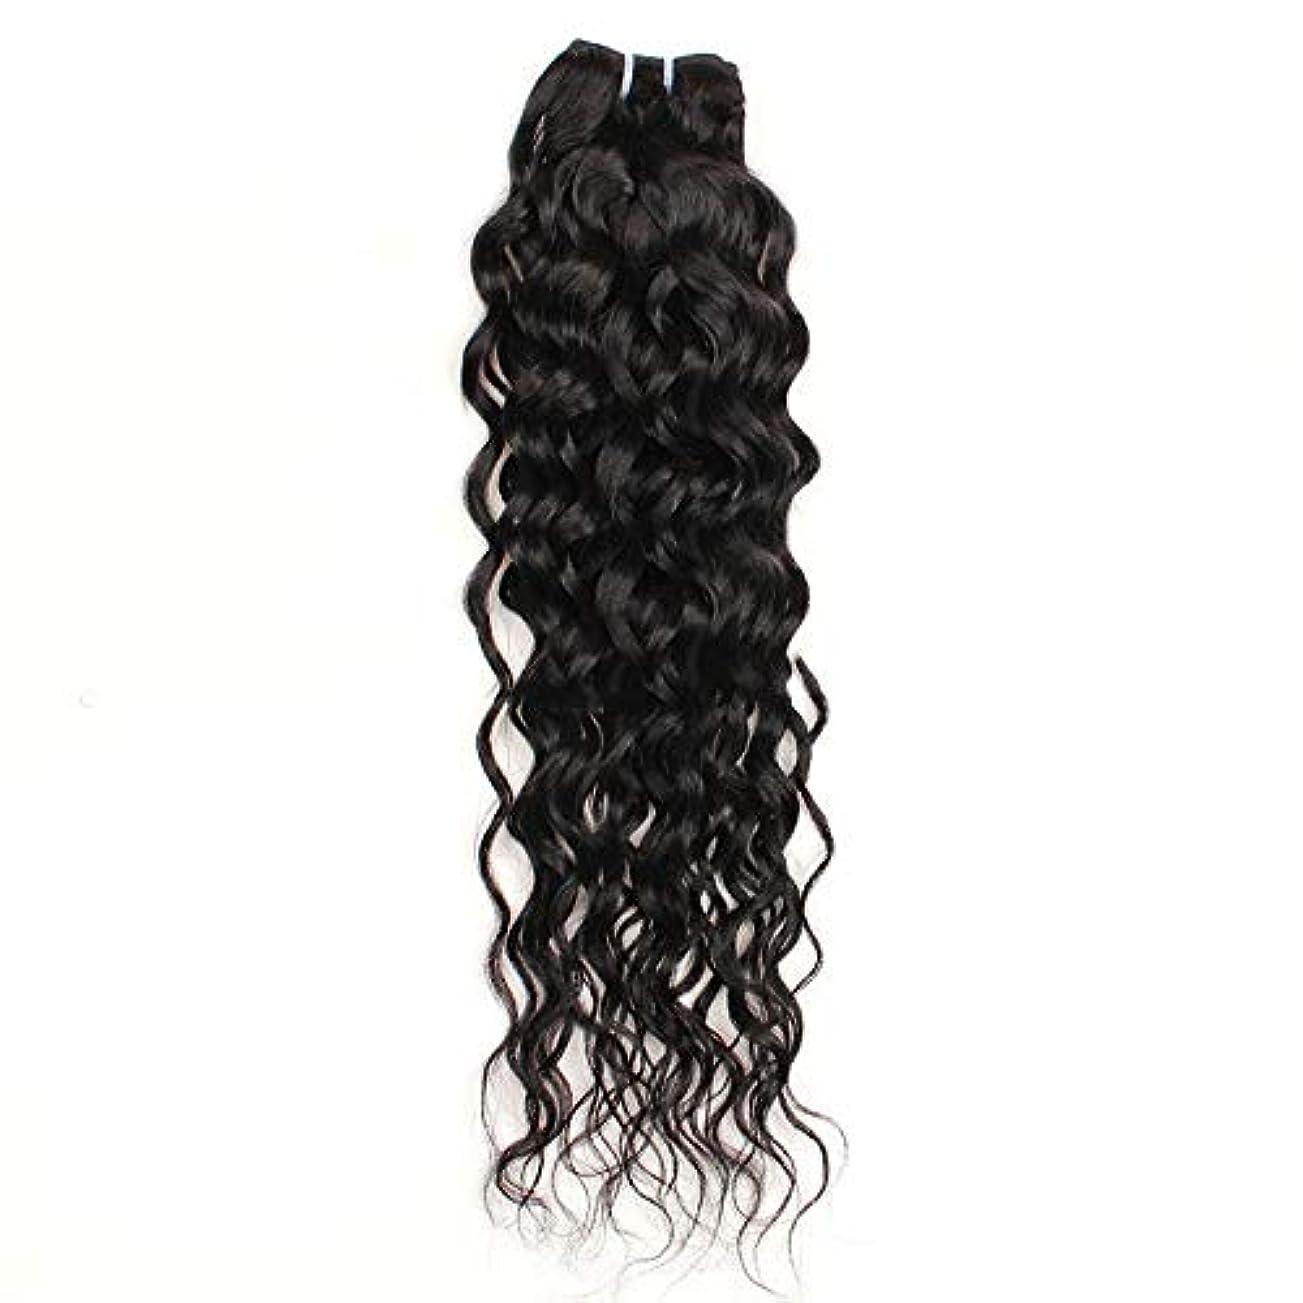 半円一月年金受給者YESONEEP 10インチ-26インチブラジルリアル人間の髪の毛7Aウォーターウェーブヘアエクステンションナチュラルカラー100g /バンドル合成ヘアレースかつらロールプレイングかつら長くて短い女性自然 (色 : 黒,...